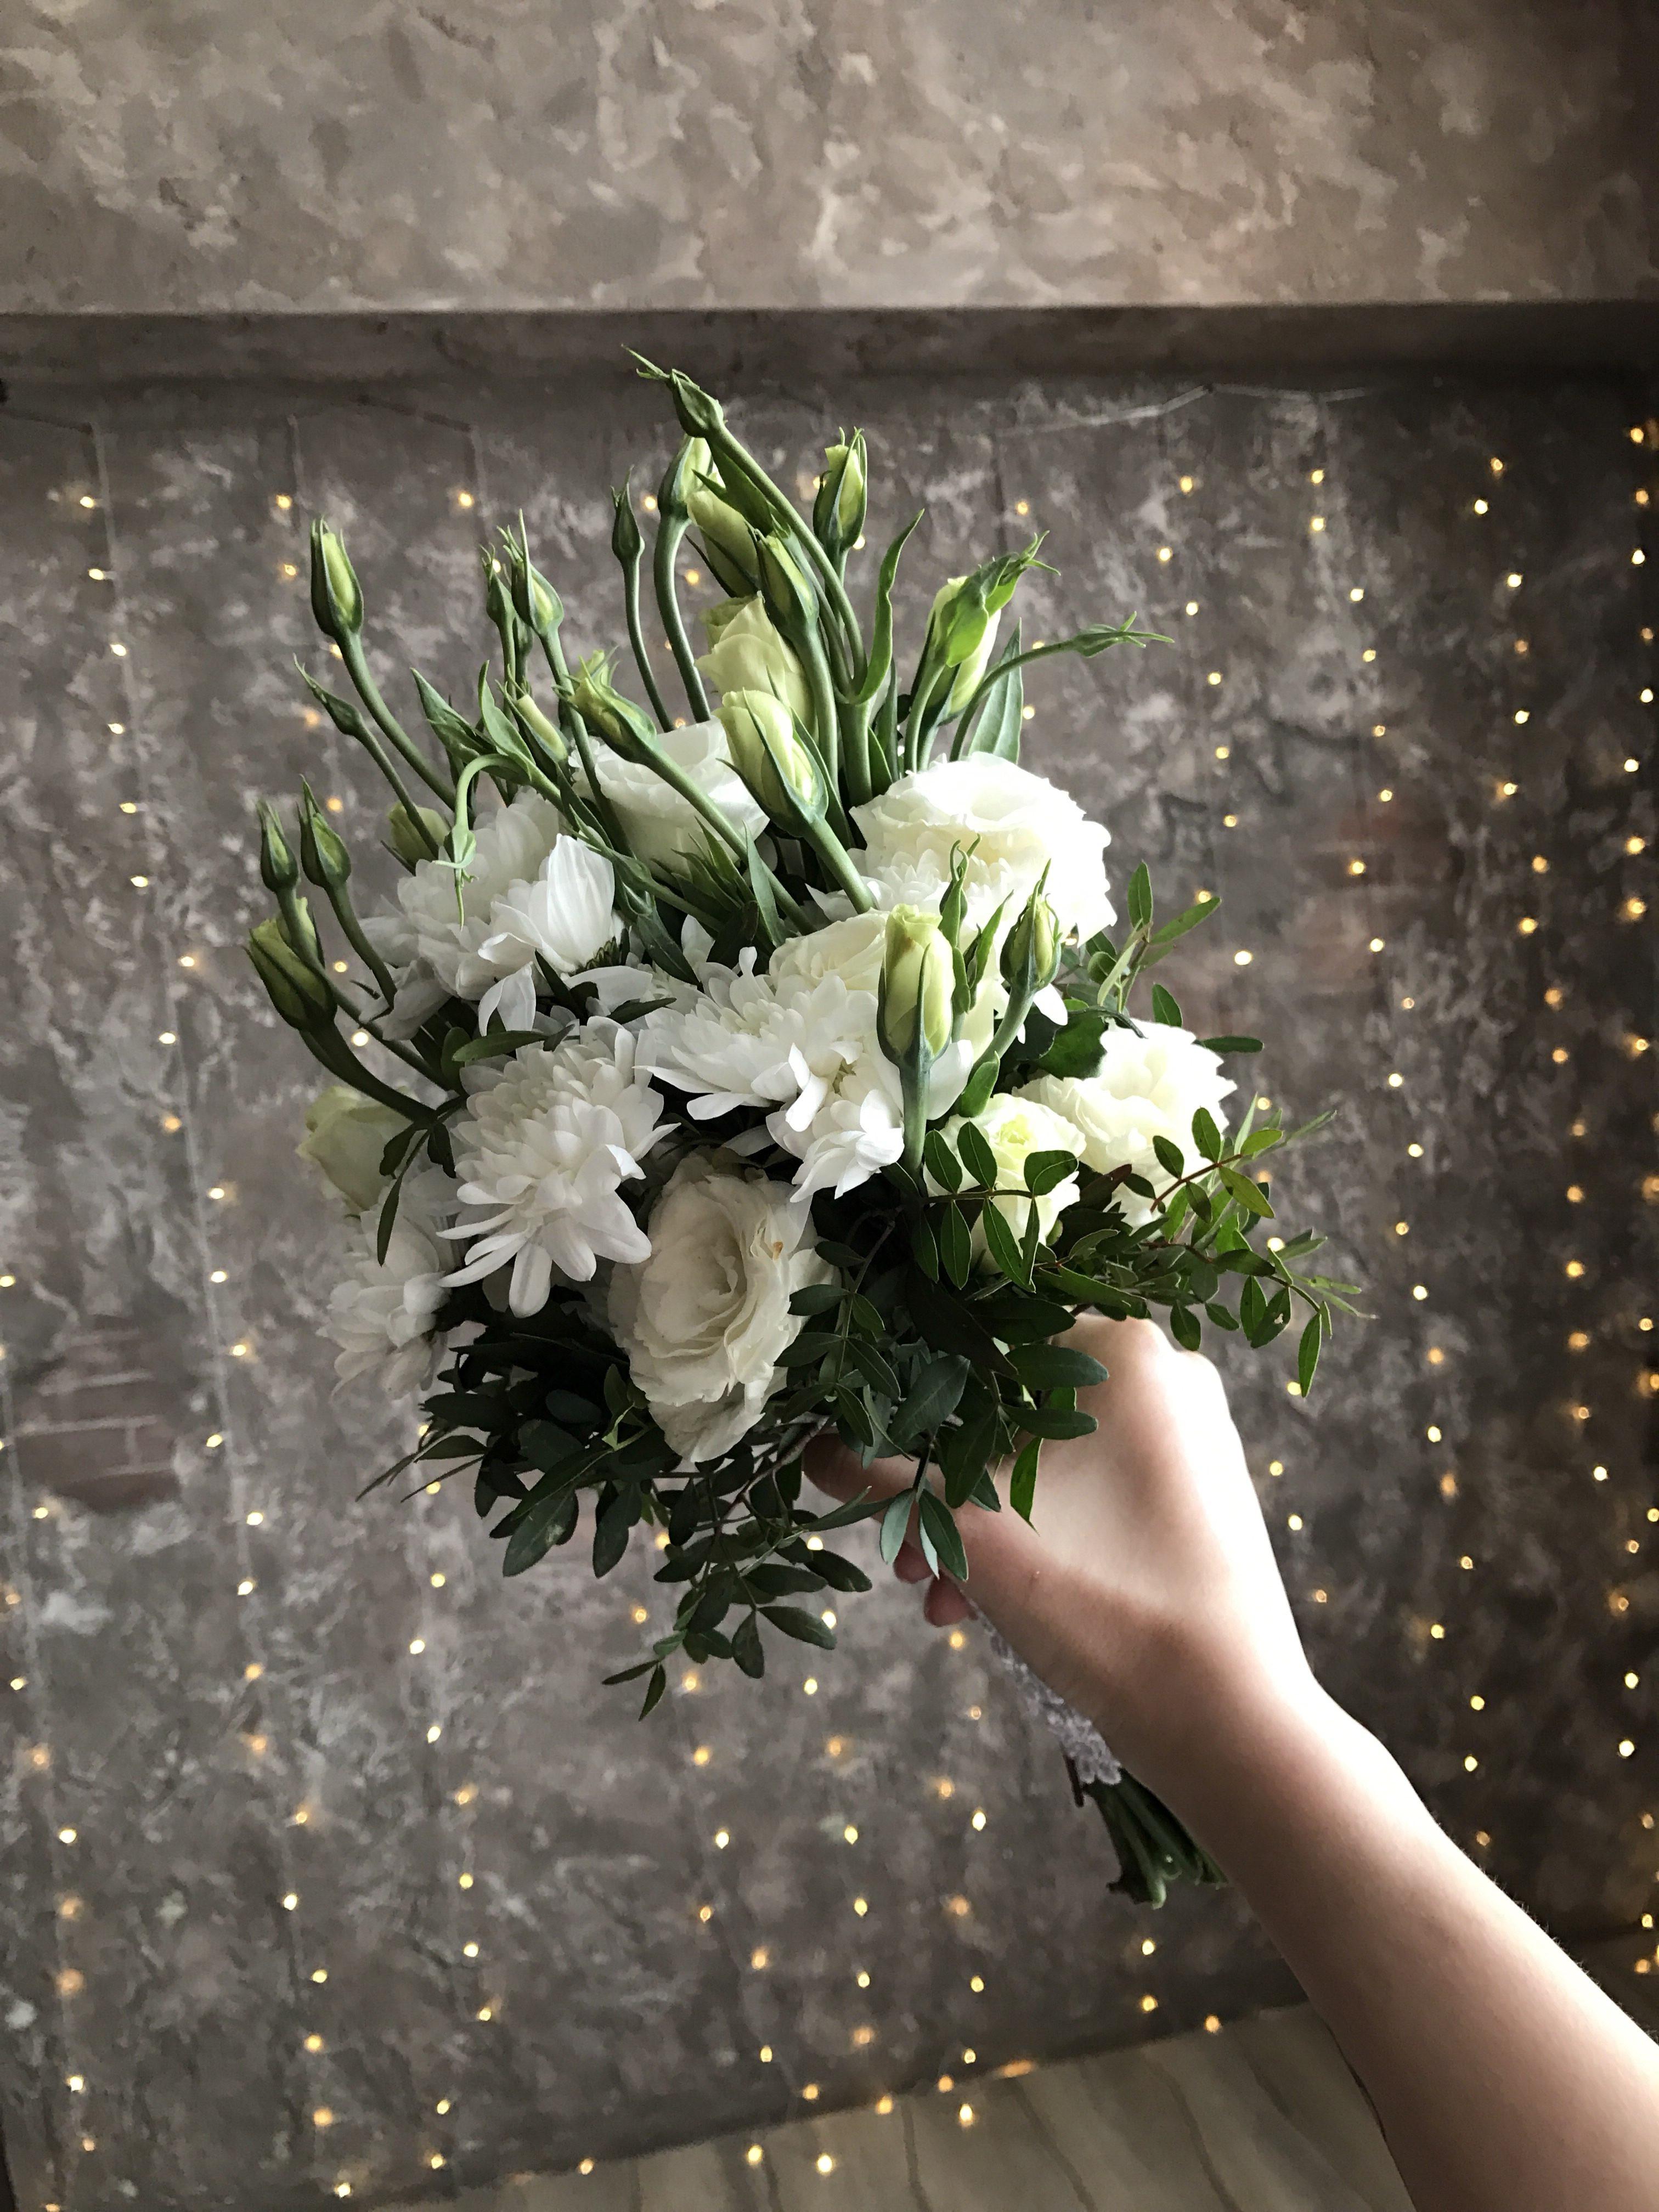 Доставка цветов у яблоньки омск, саратове букет тюльпанов